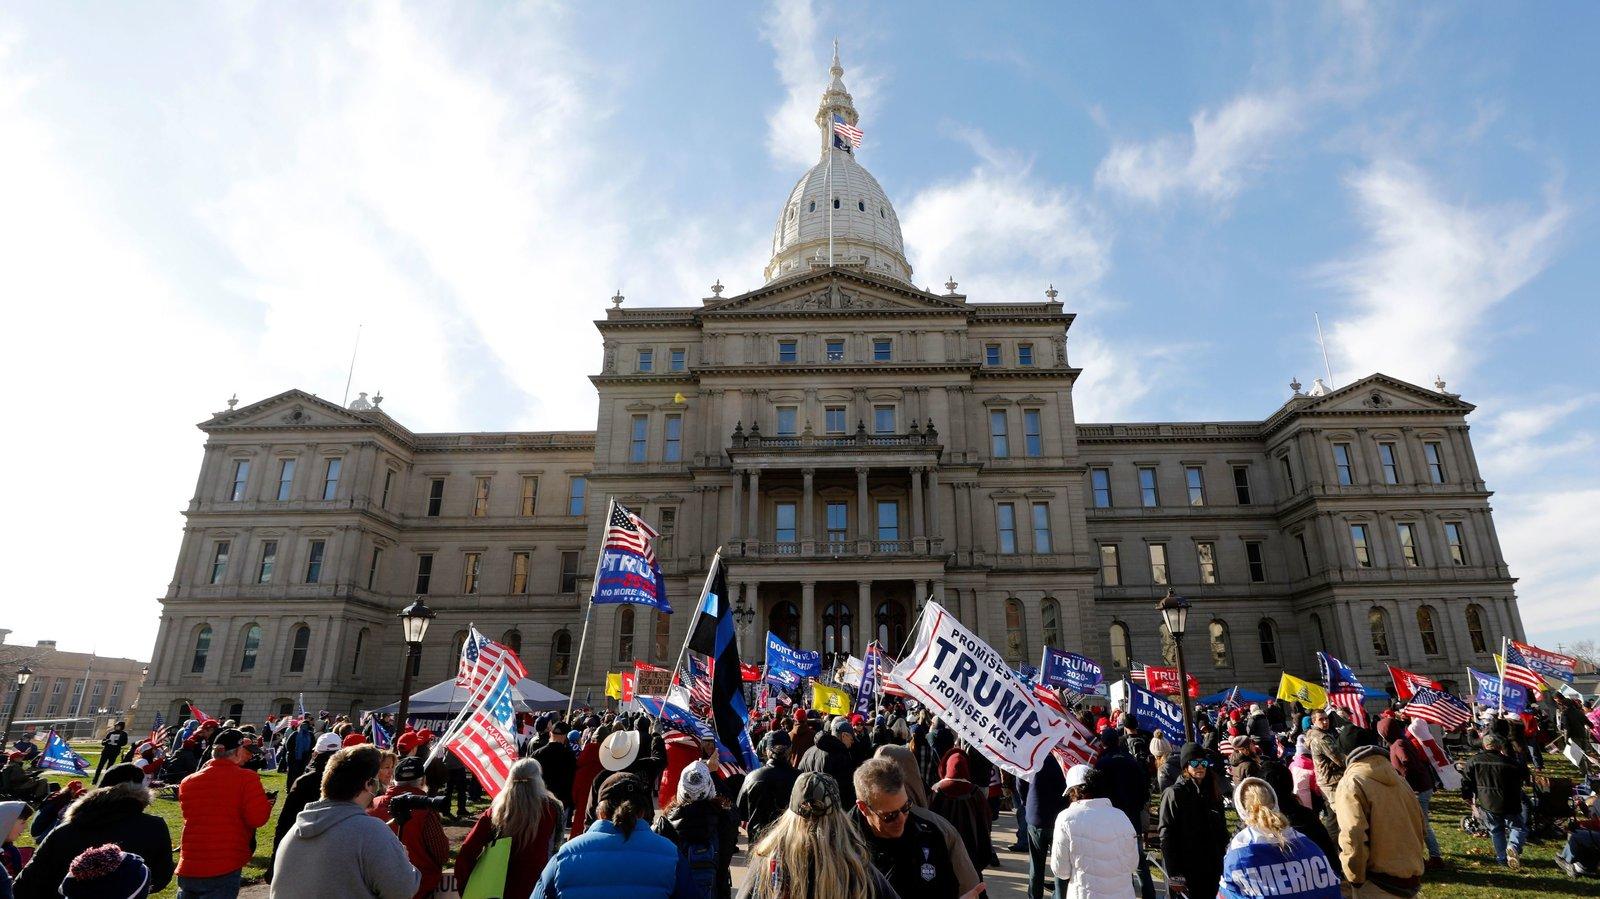 Michigan eyaletindeki seçim sonuçları Biden'ın kazandığı yönünde tescil edildi